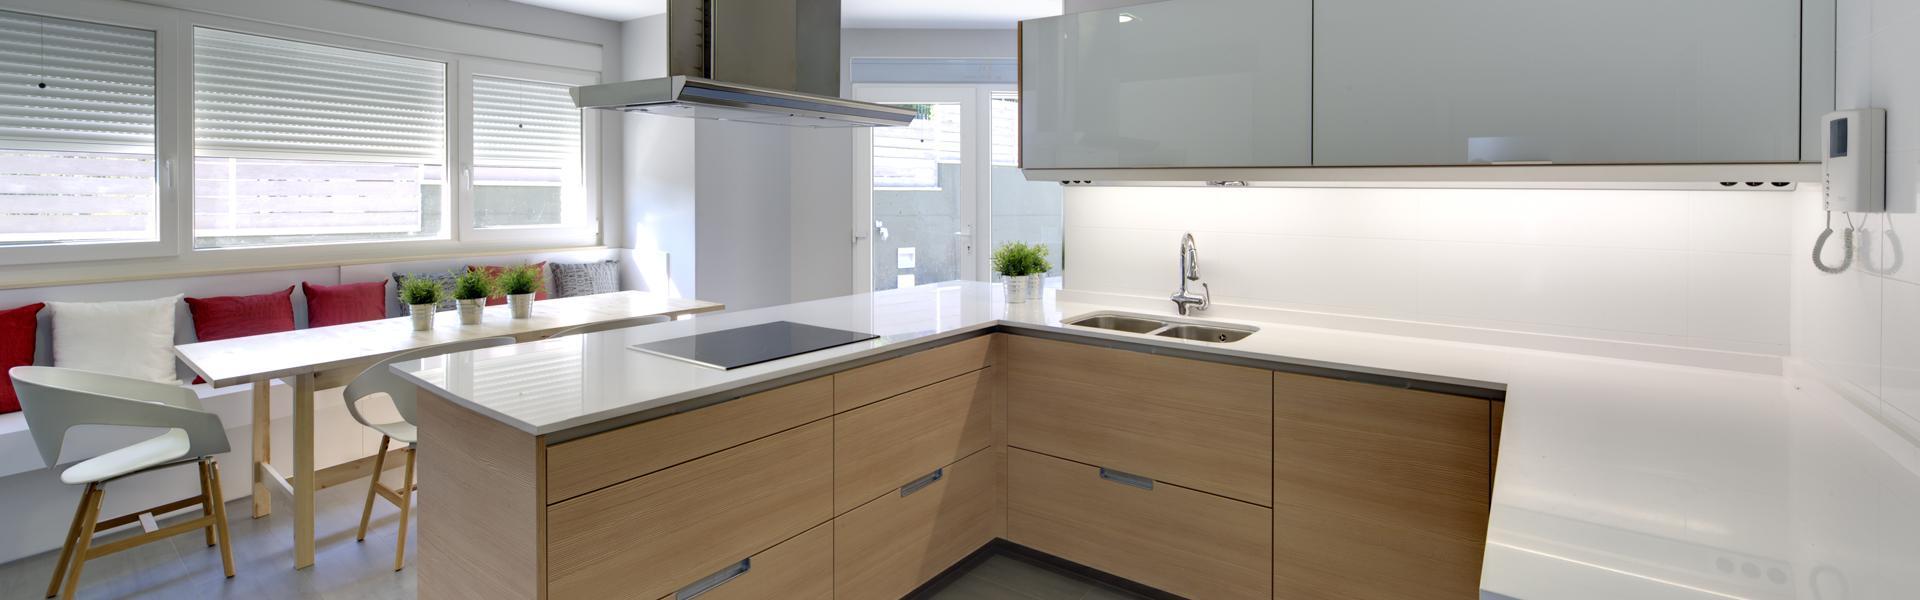 Cocinas de vidrio estudio cocinas dc - Cocinas con peninsula fotos ...